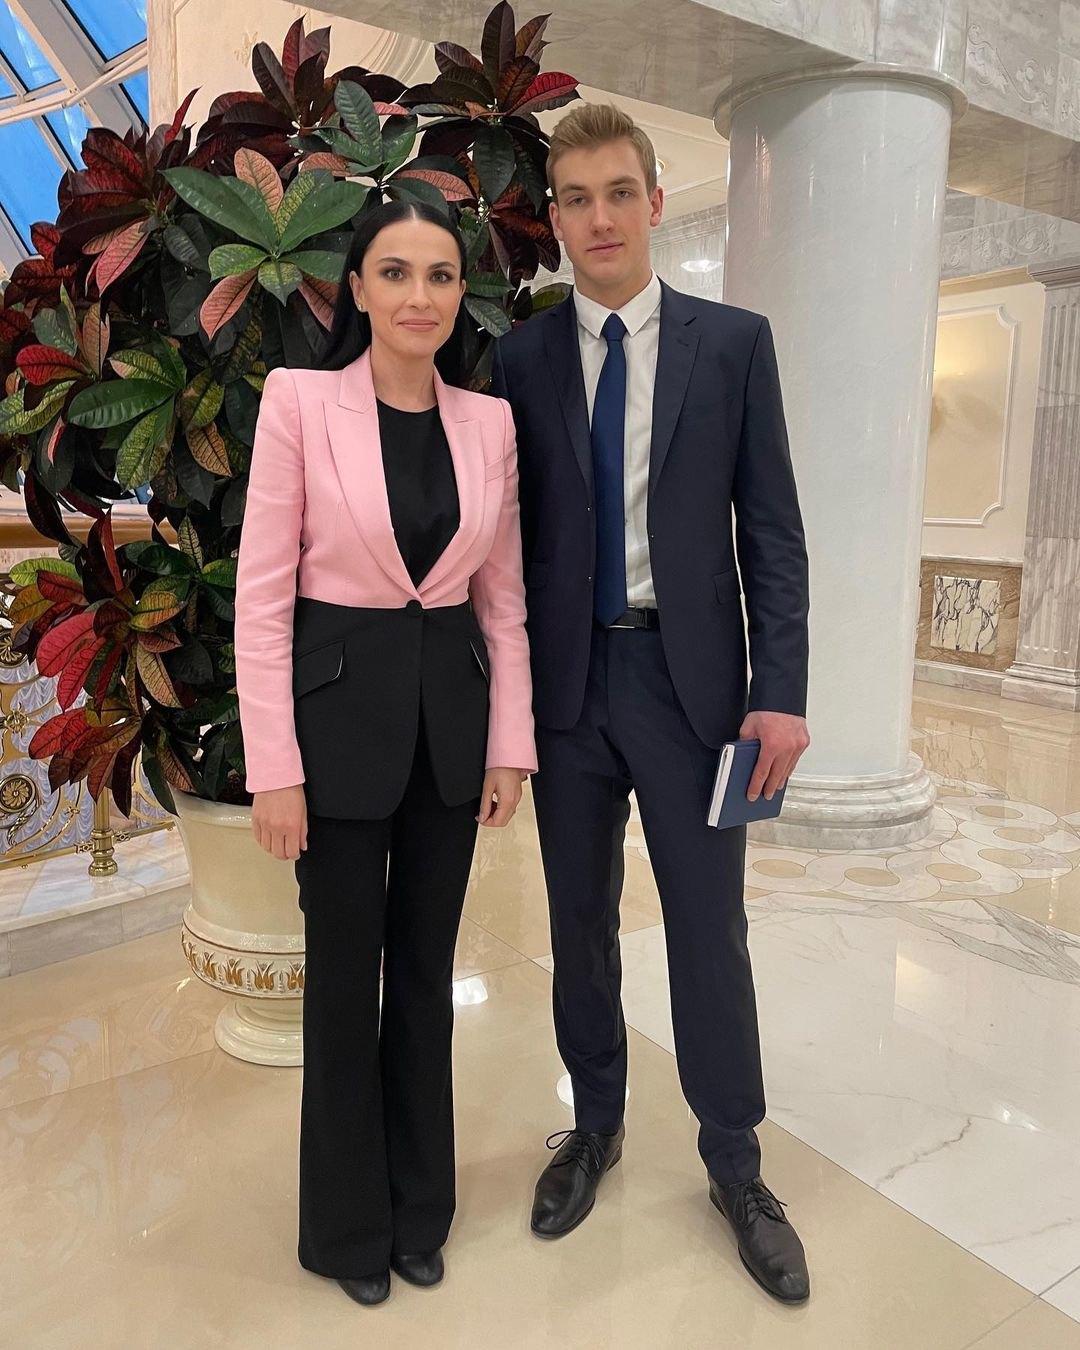 Кем хочет стать в будущем»: Николай Лукашенко дал интервью телеканалу  «Россия 1» — The Village Беларусь